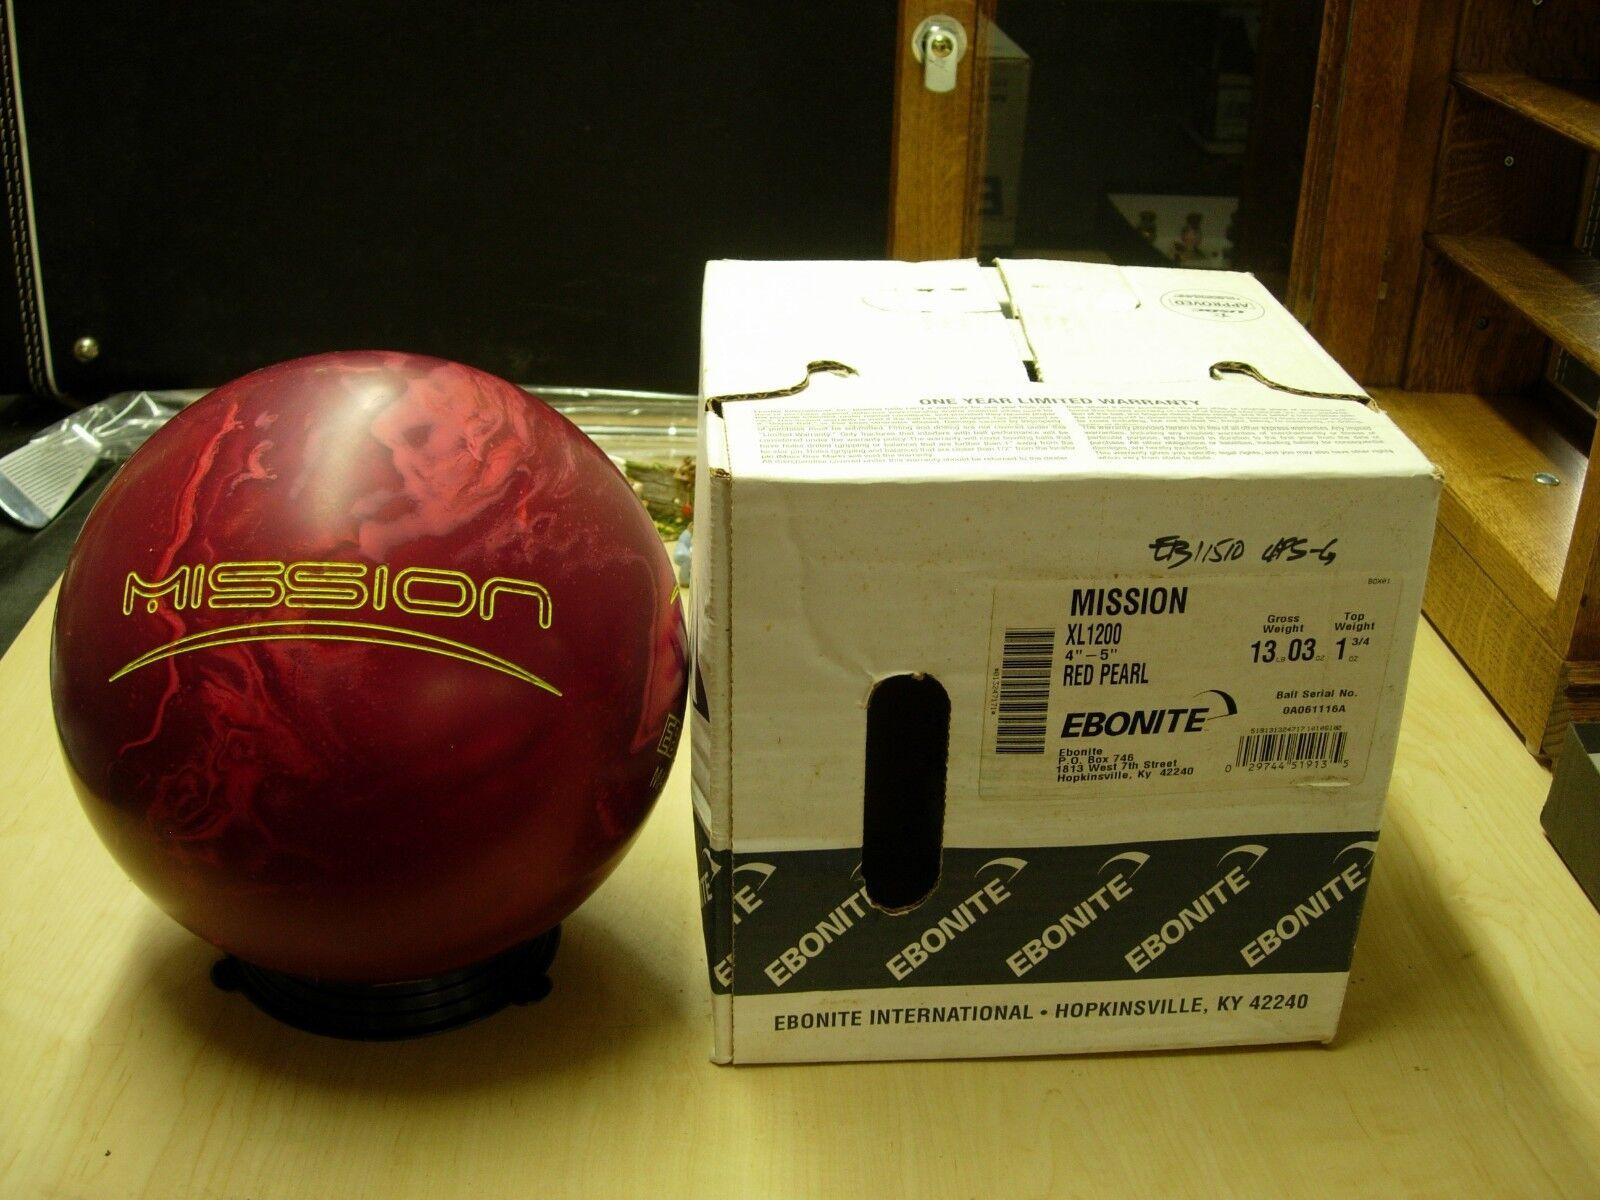 = 13oz TW 1-3 4 PIN 4-5 NIB Bowling Ball 2010 Ebonite Mission 0A061116A